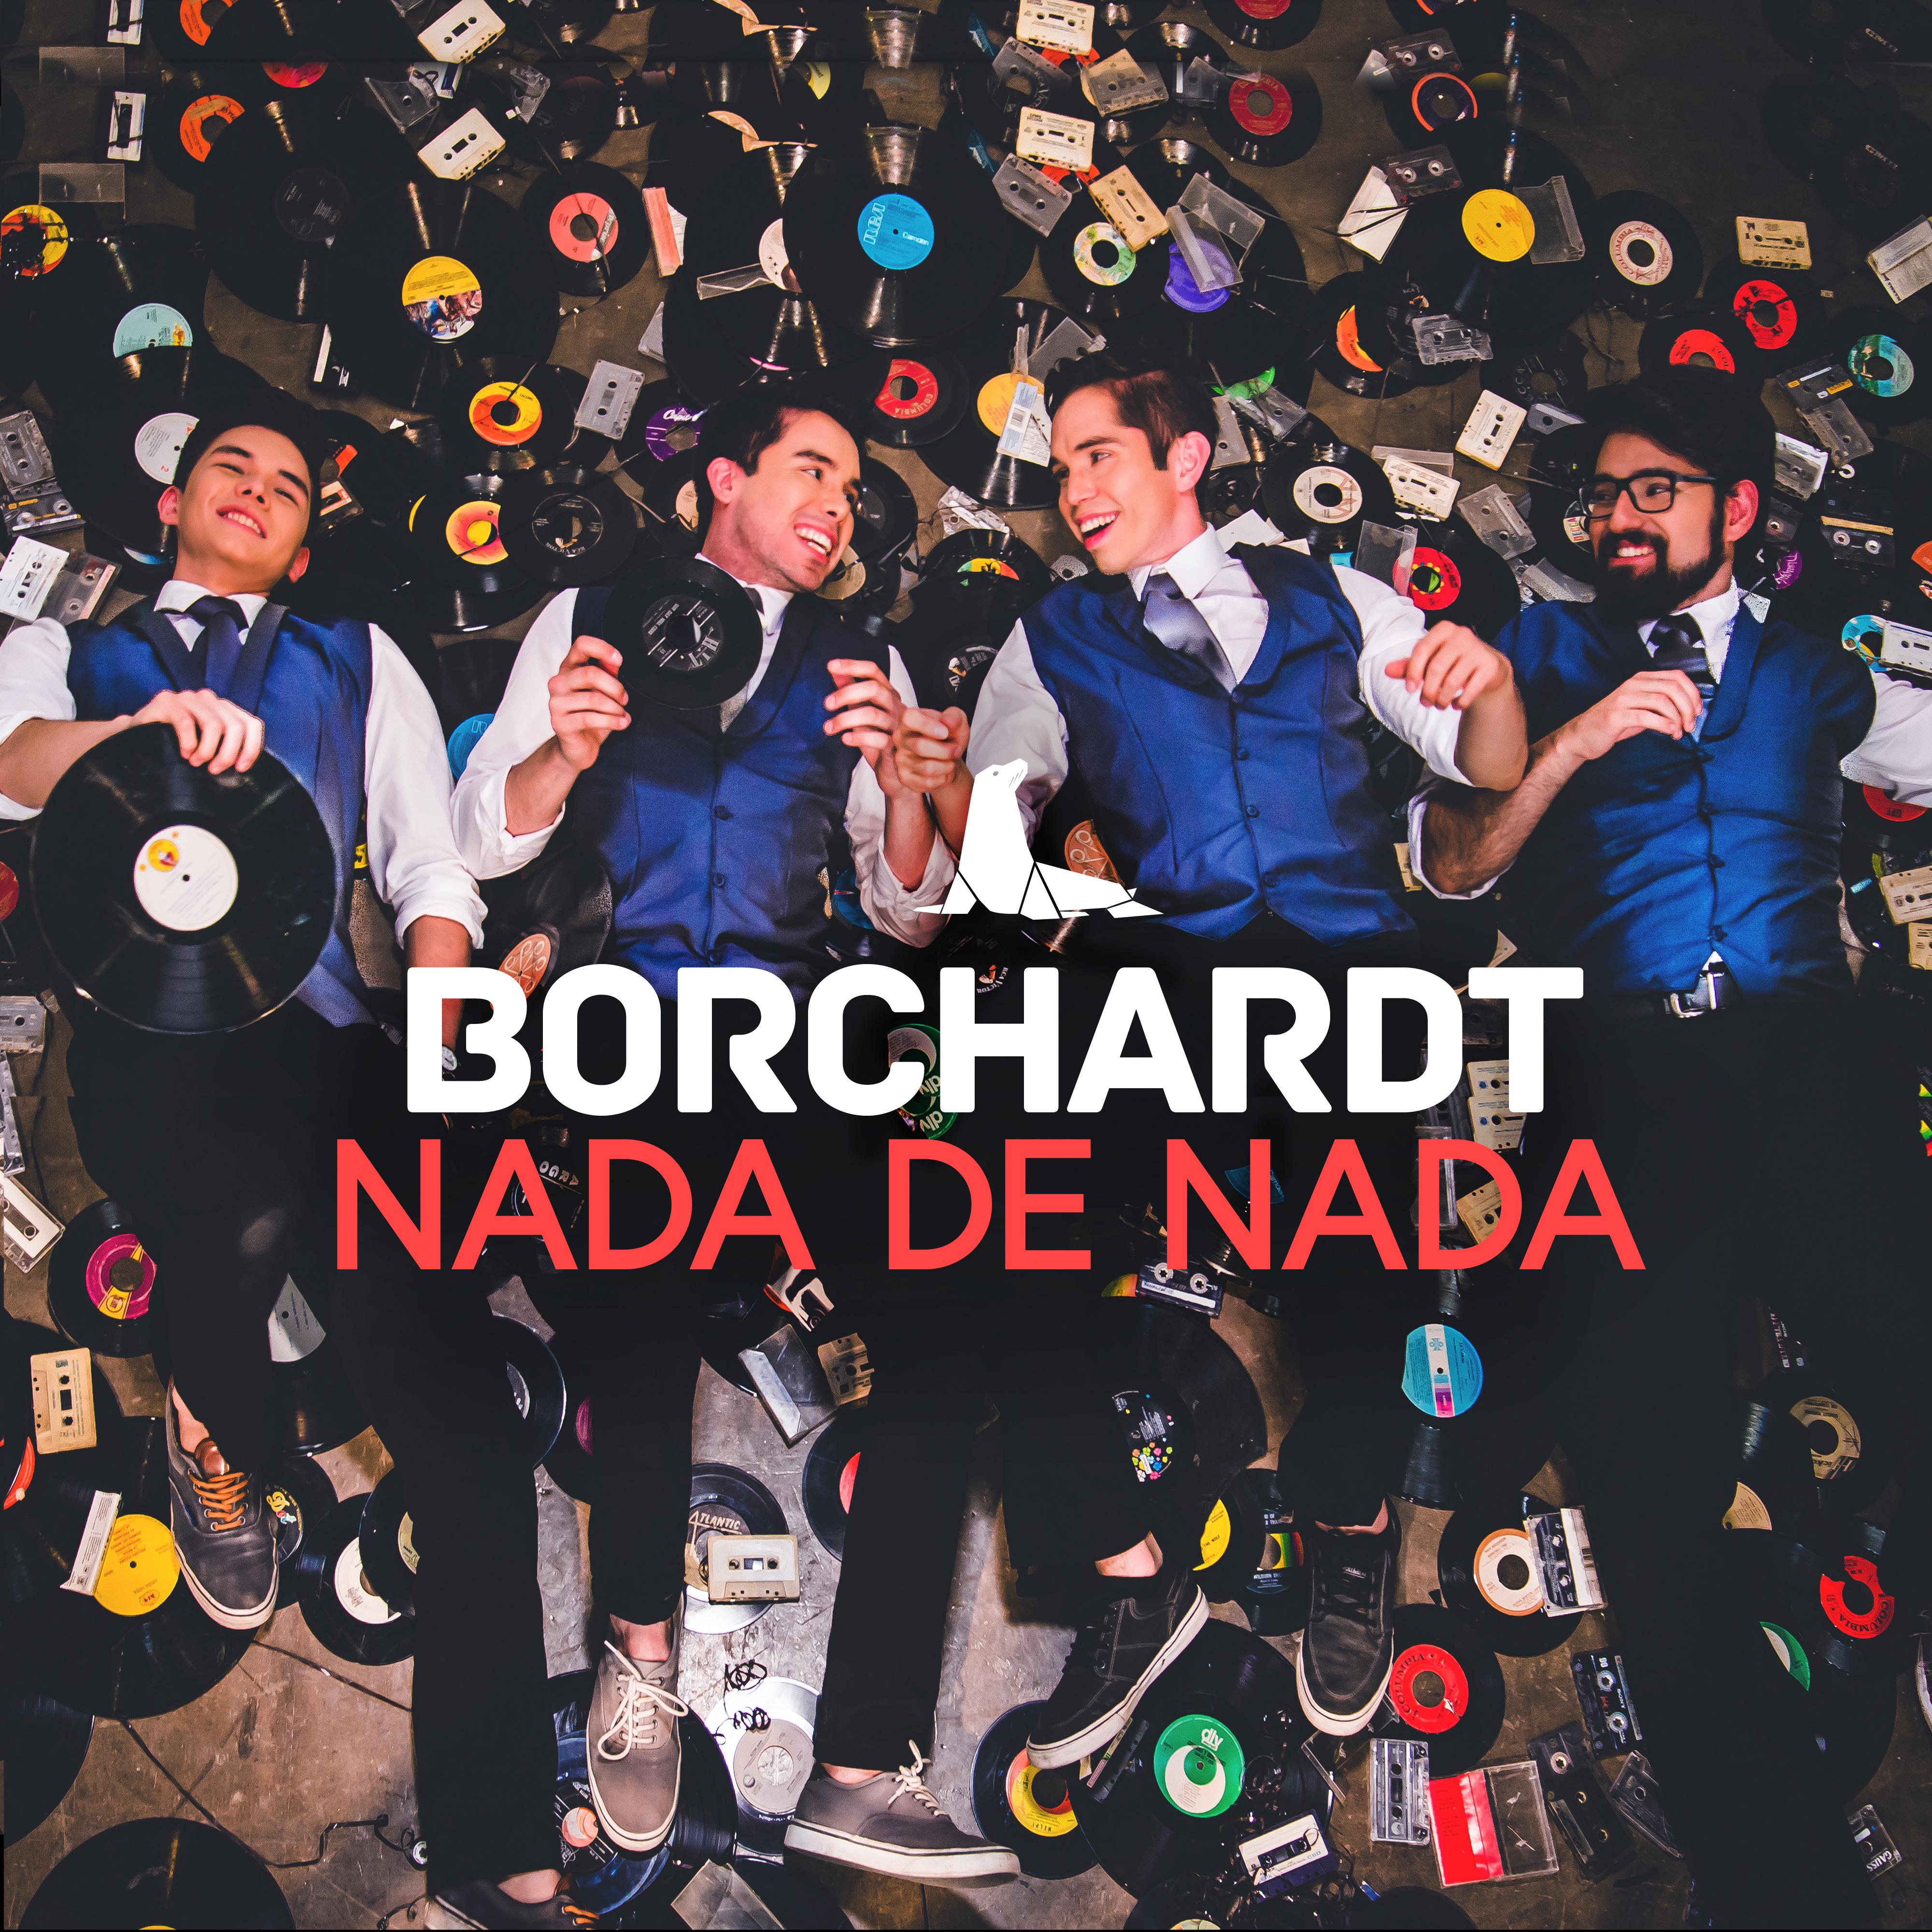 Exclusiva: Borchardt Nace Con Su Nueva Canción 'Nada De Nada'